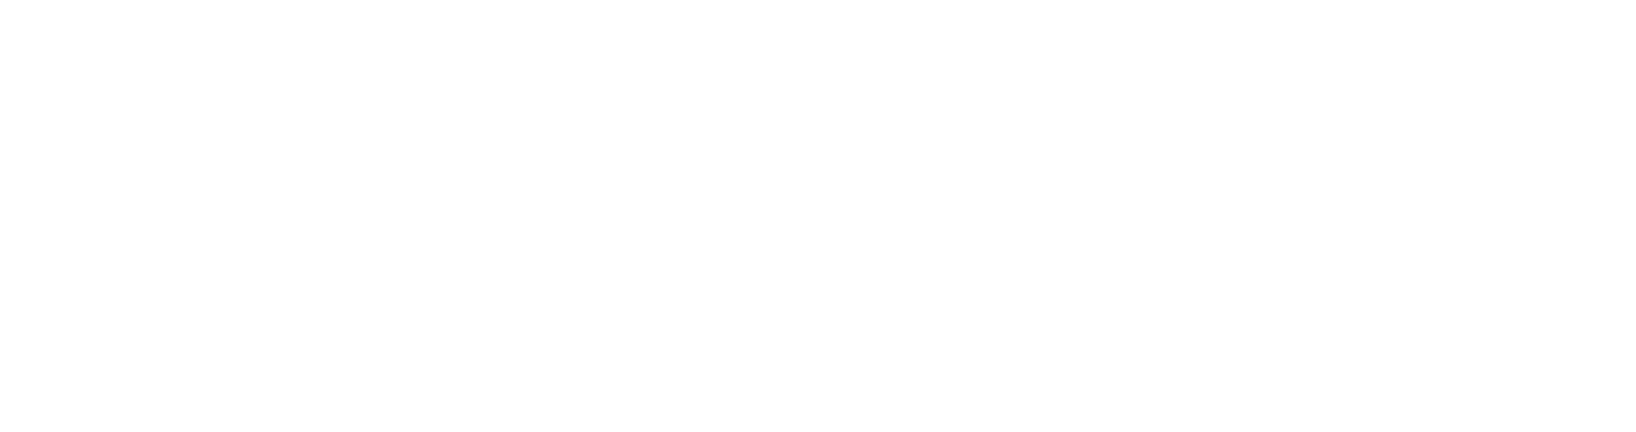 Studio Regis